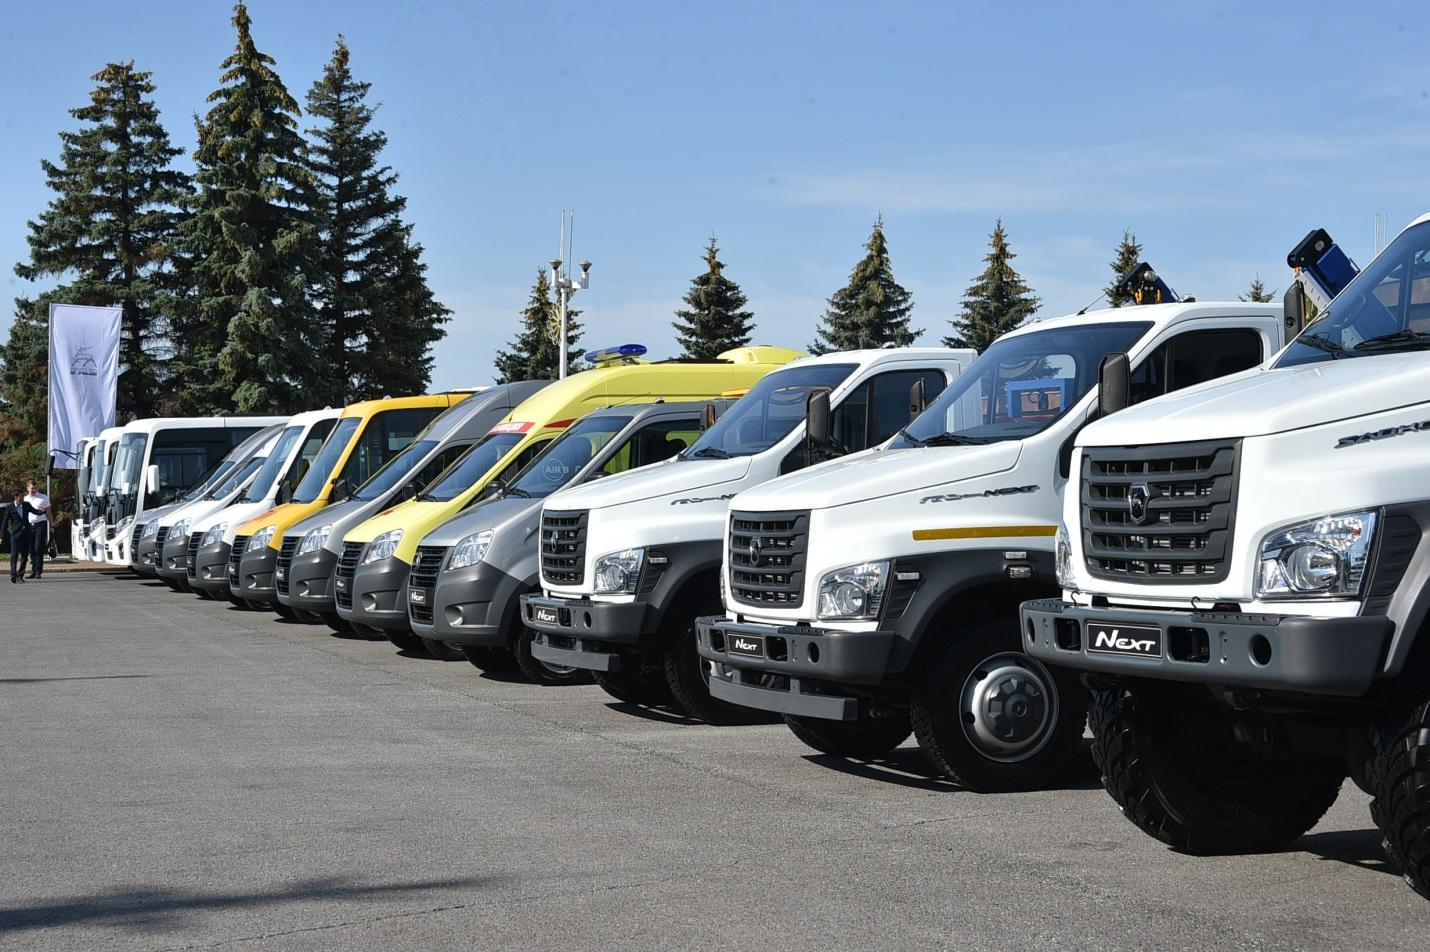 «Группа ГАЗ» и Правительство Башкортостана подписали договор о сотрудничестве